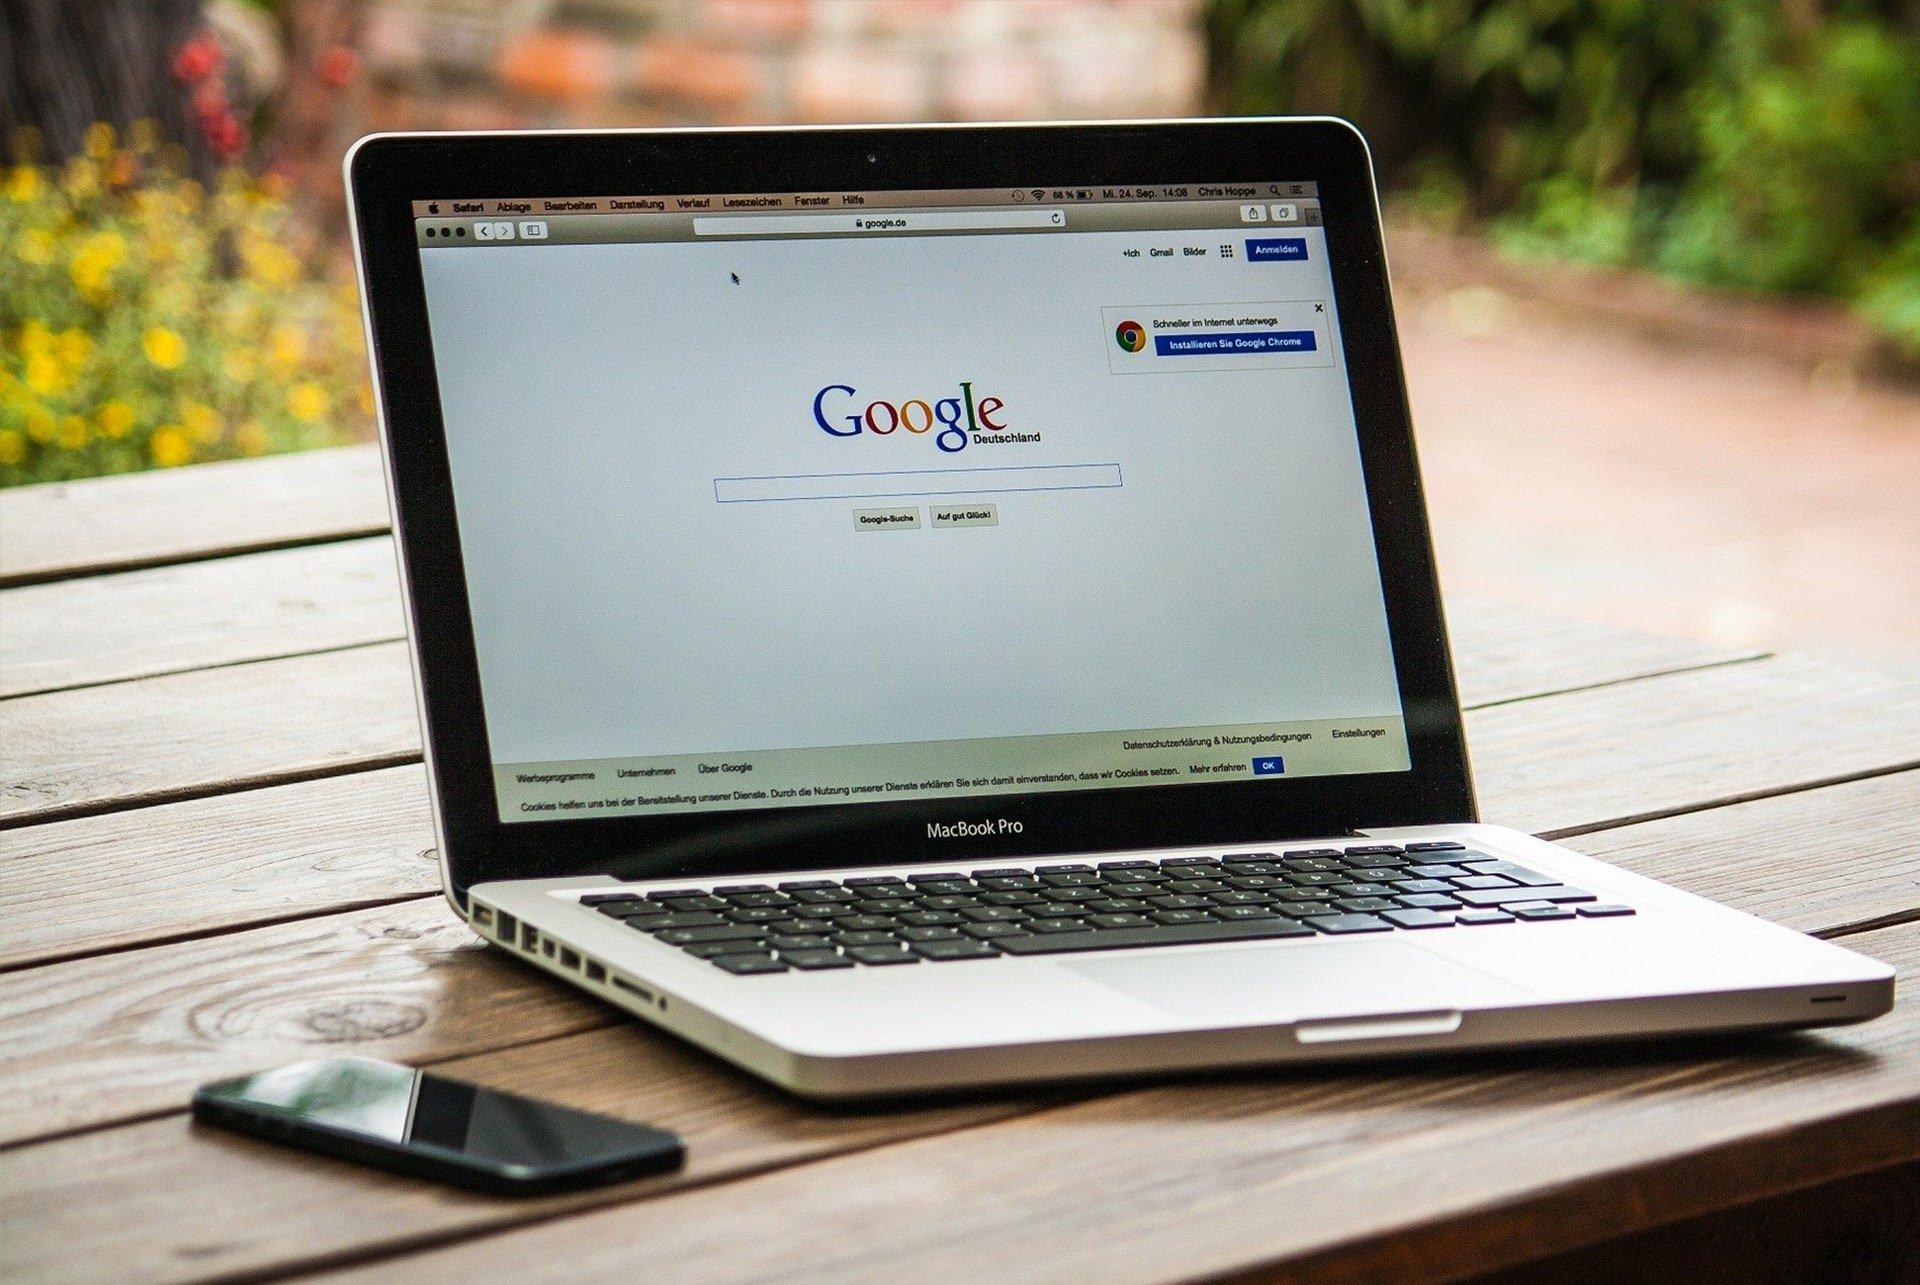 Ordenador abierto con el buscador google en pantalla